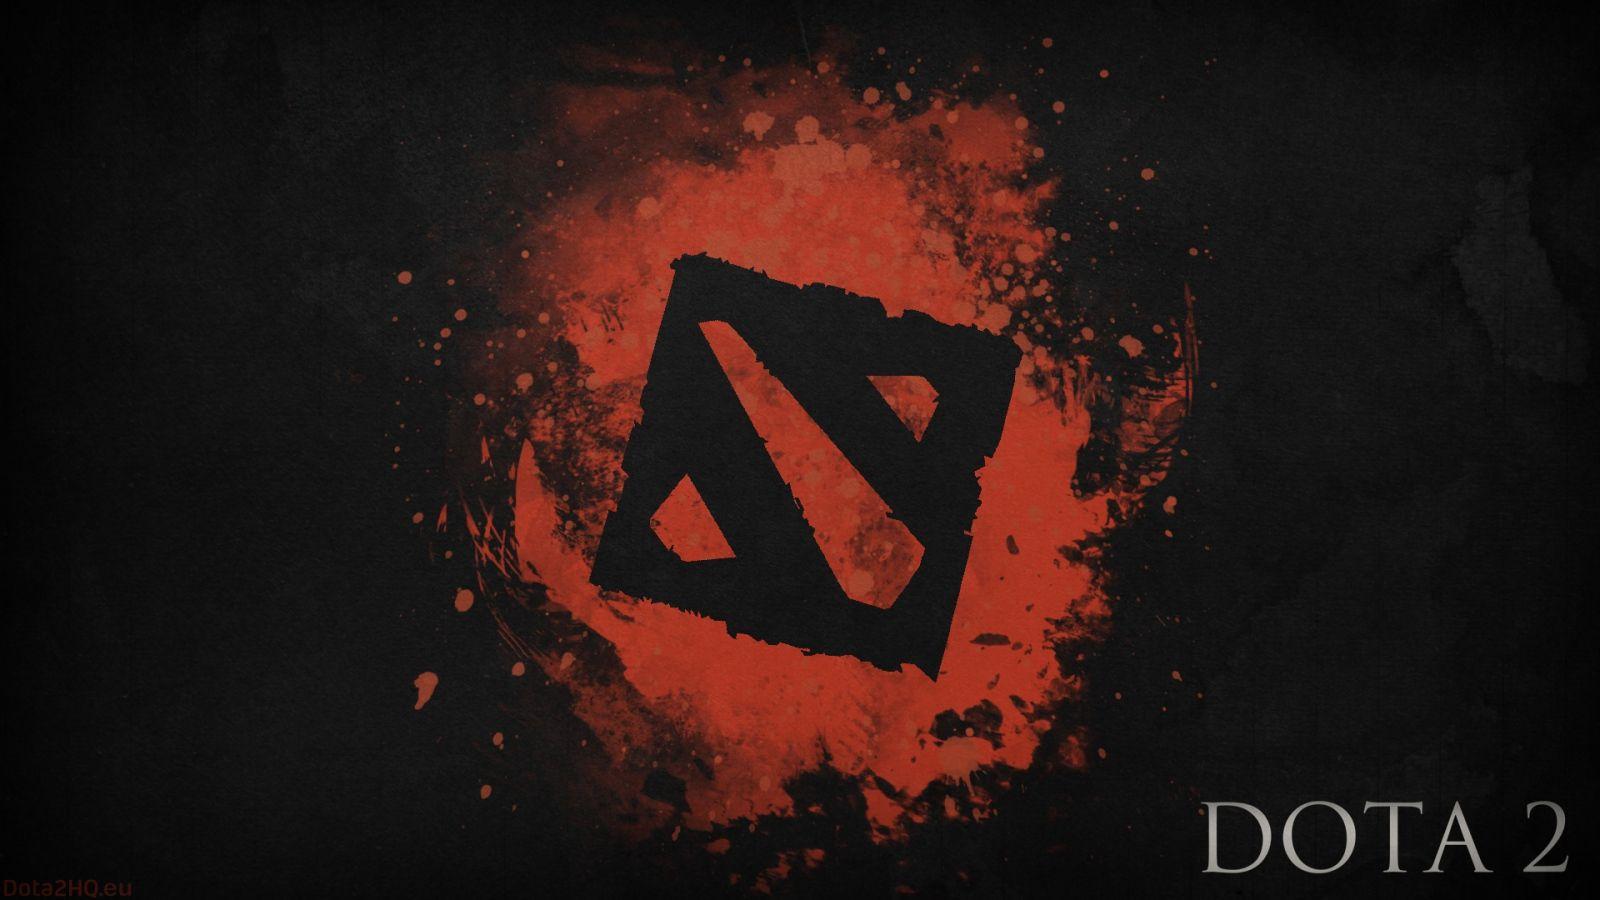 Logo Dota 2 Hd - HD Wallpaper